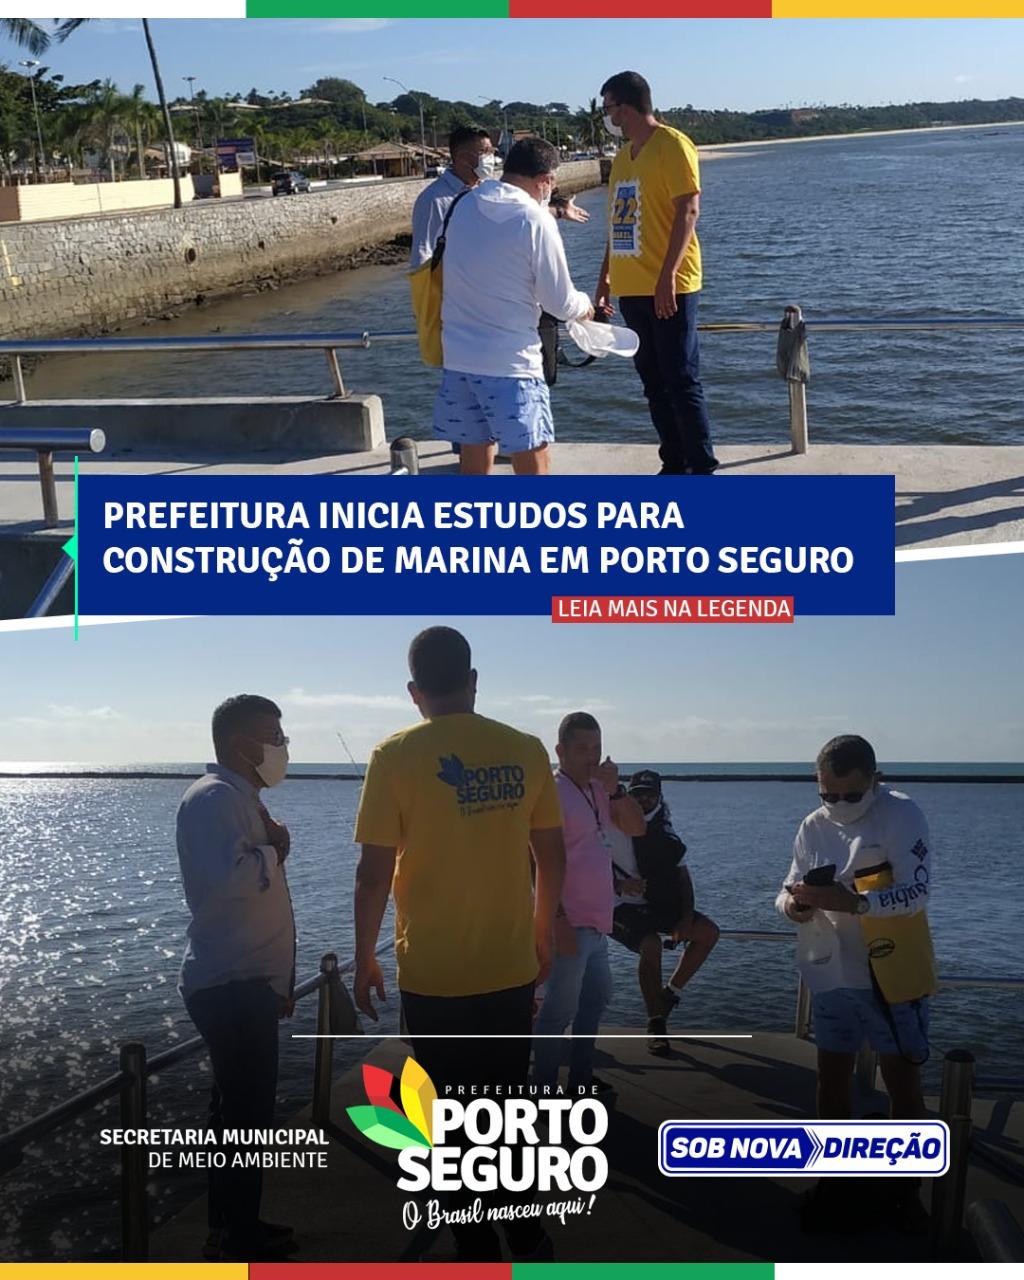 Prefeitura inicia estudos para construção de marina em Porto Seguro 18